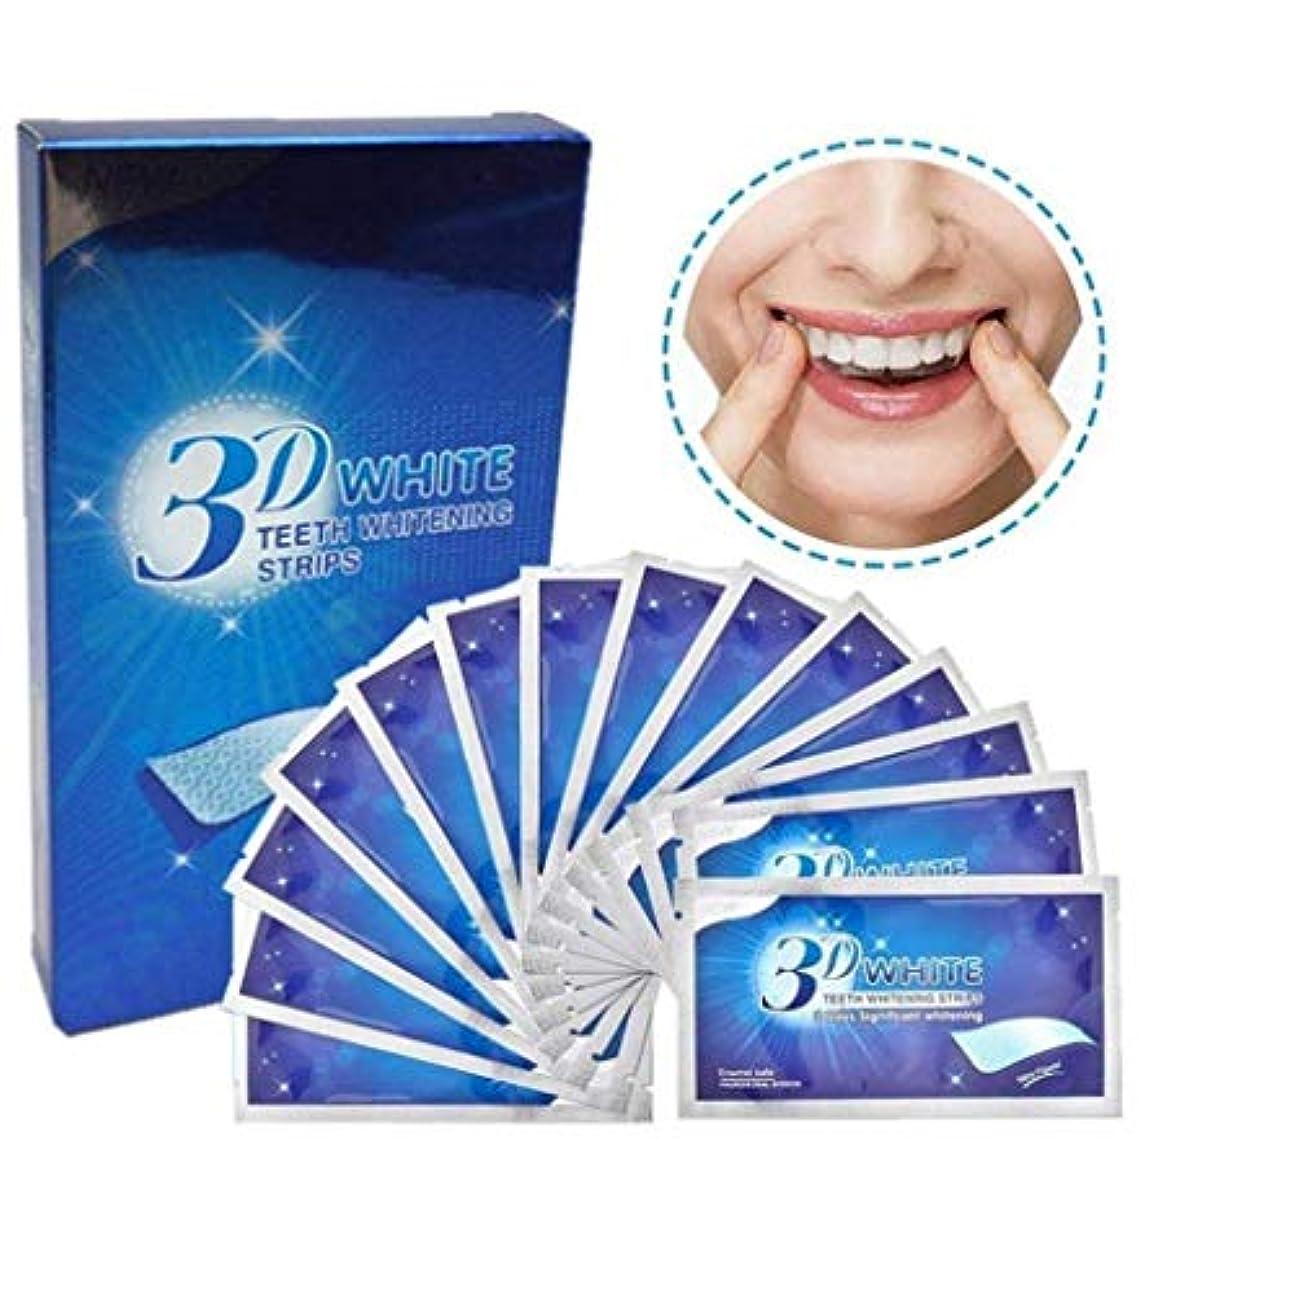 と闘う極端な遠近法歯 美白 ホワイトニング マニキュア 歯ケア 歯のホワイトニング 美白歯磨き 歯を白 ホワイトニングテープ 歯を漂白 14セット/28枚